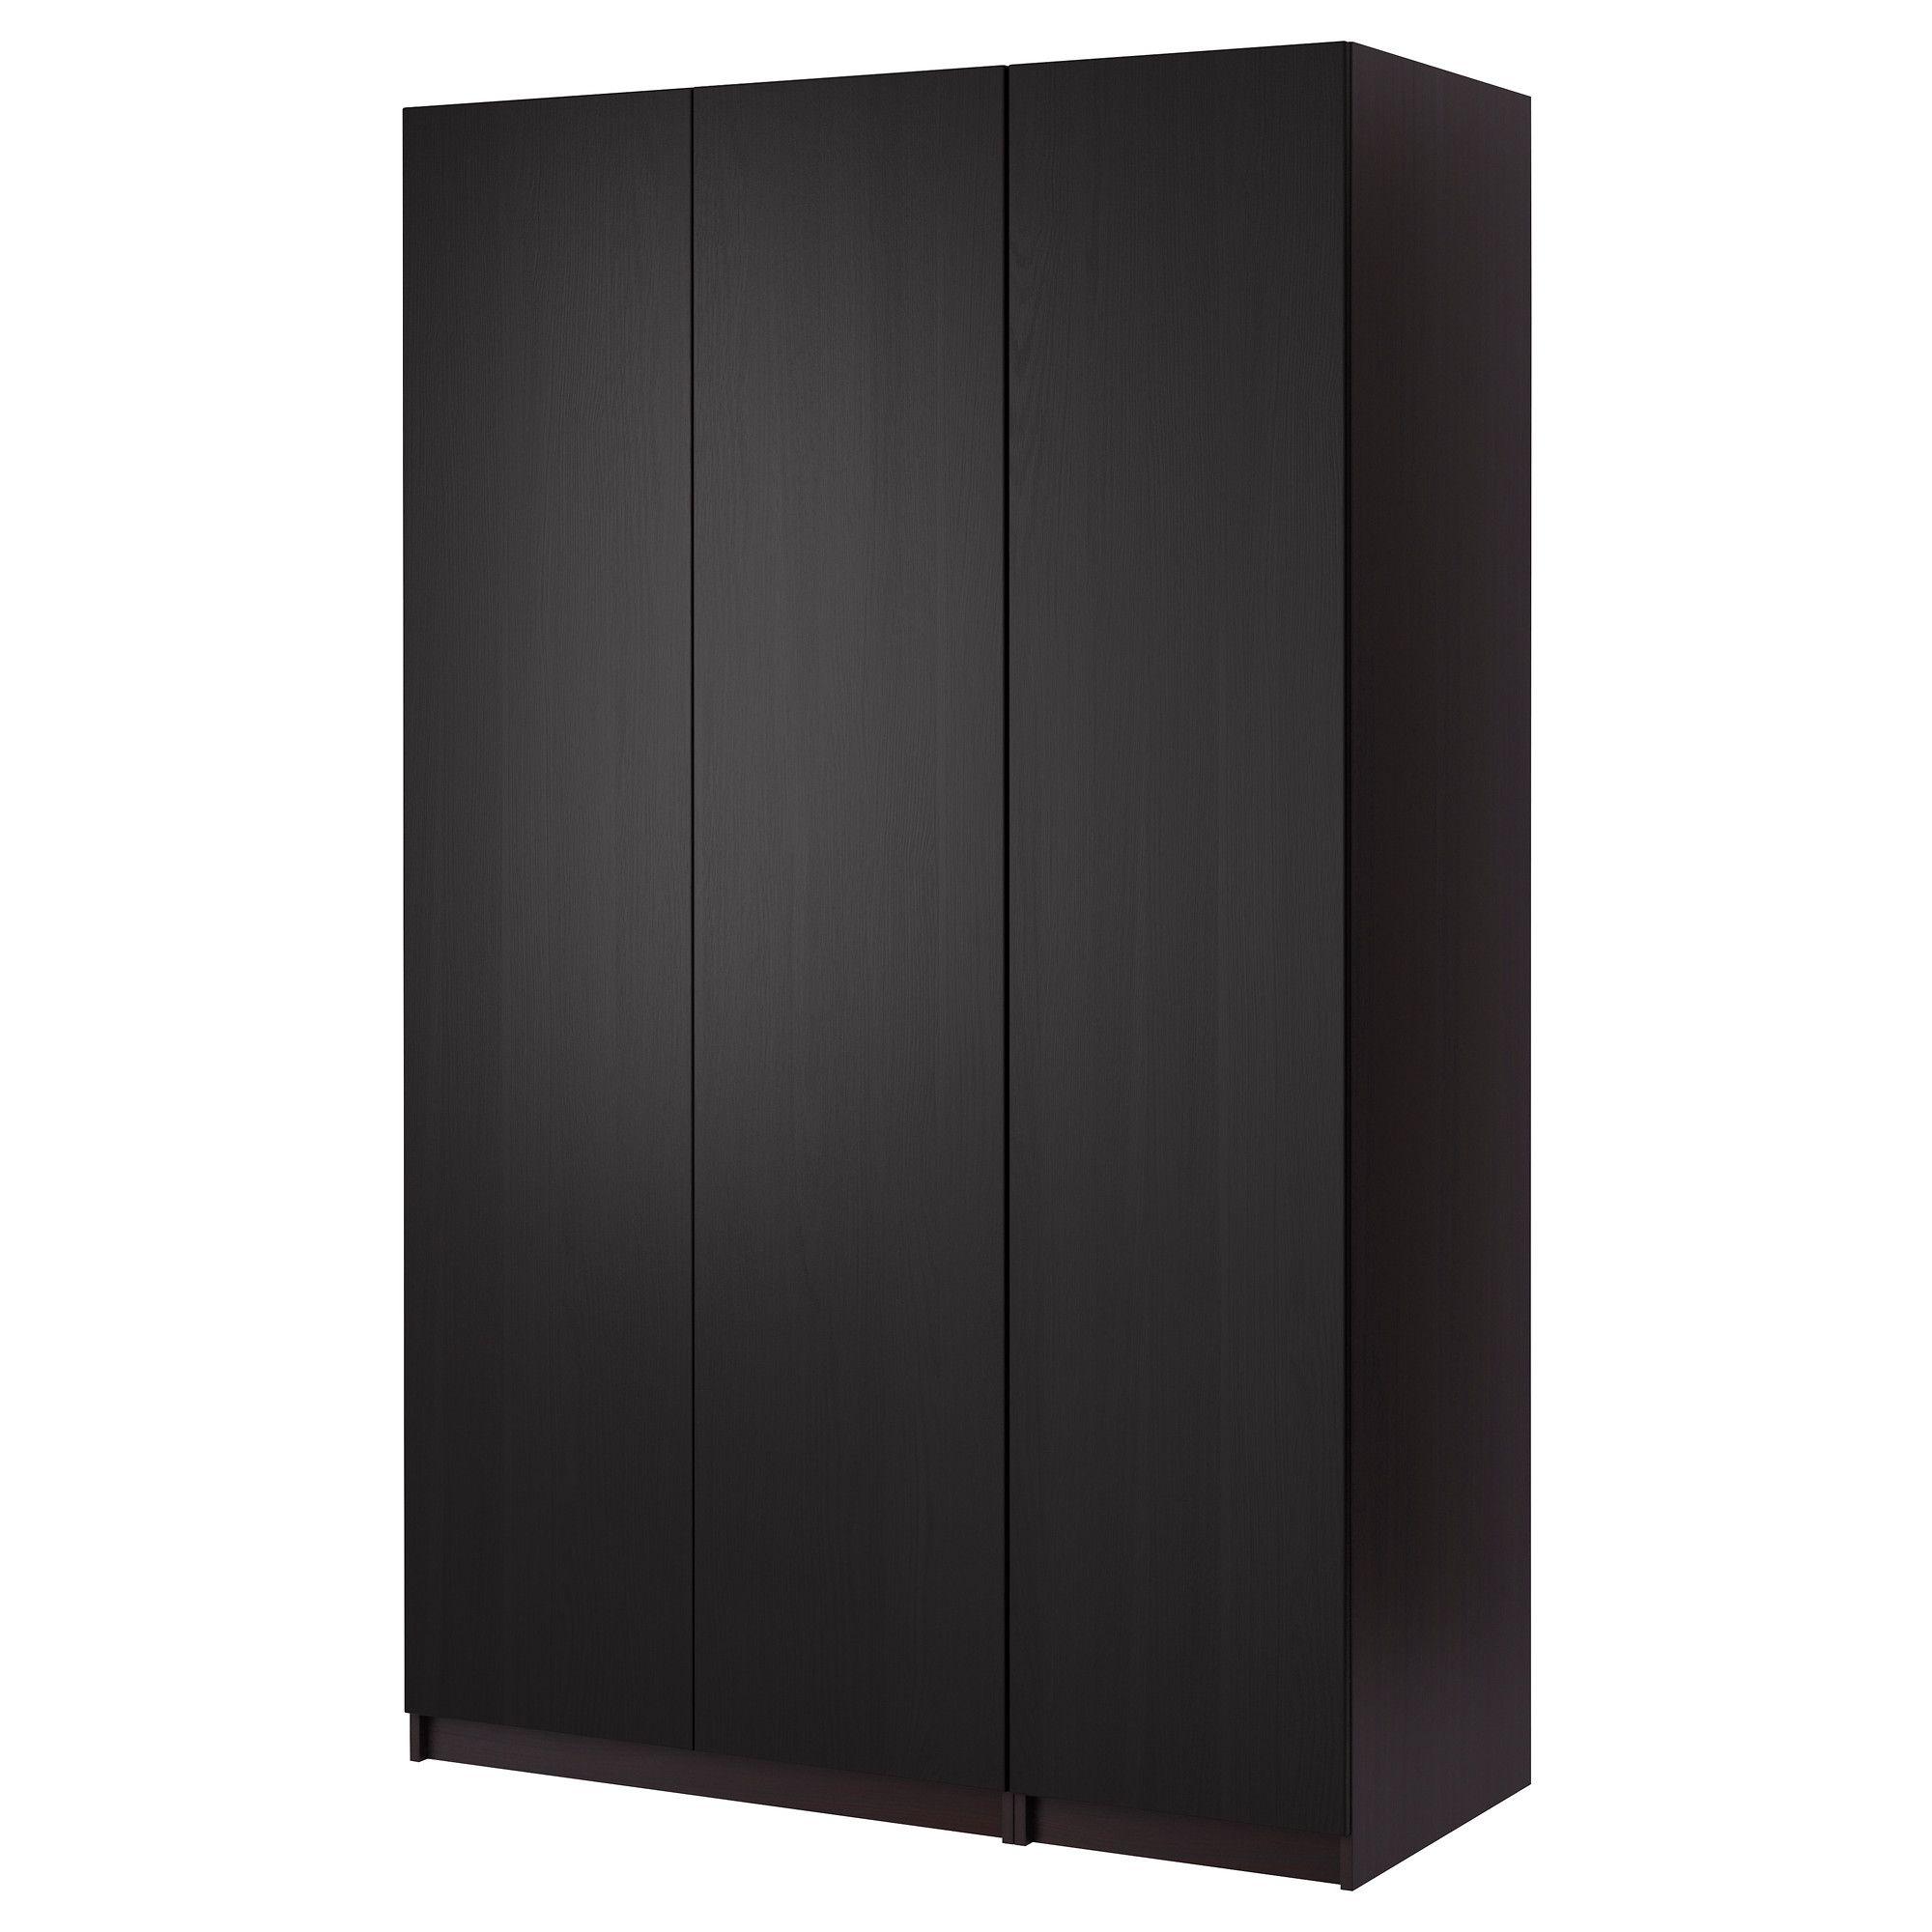 Classeur ikea meuble classeur ikea classeur rideau for Ikea effektiv classeur